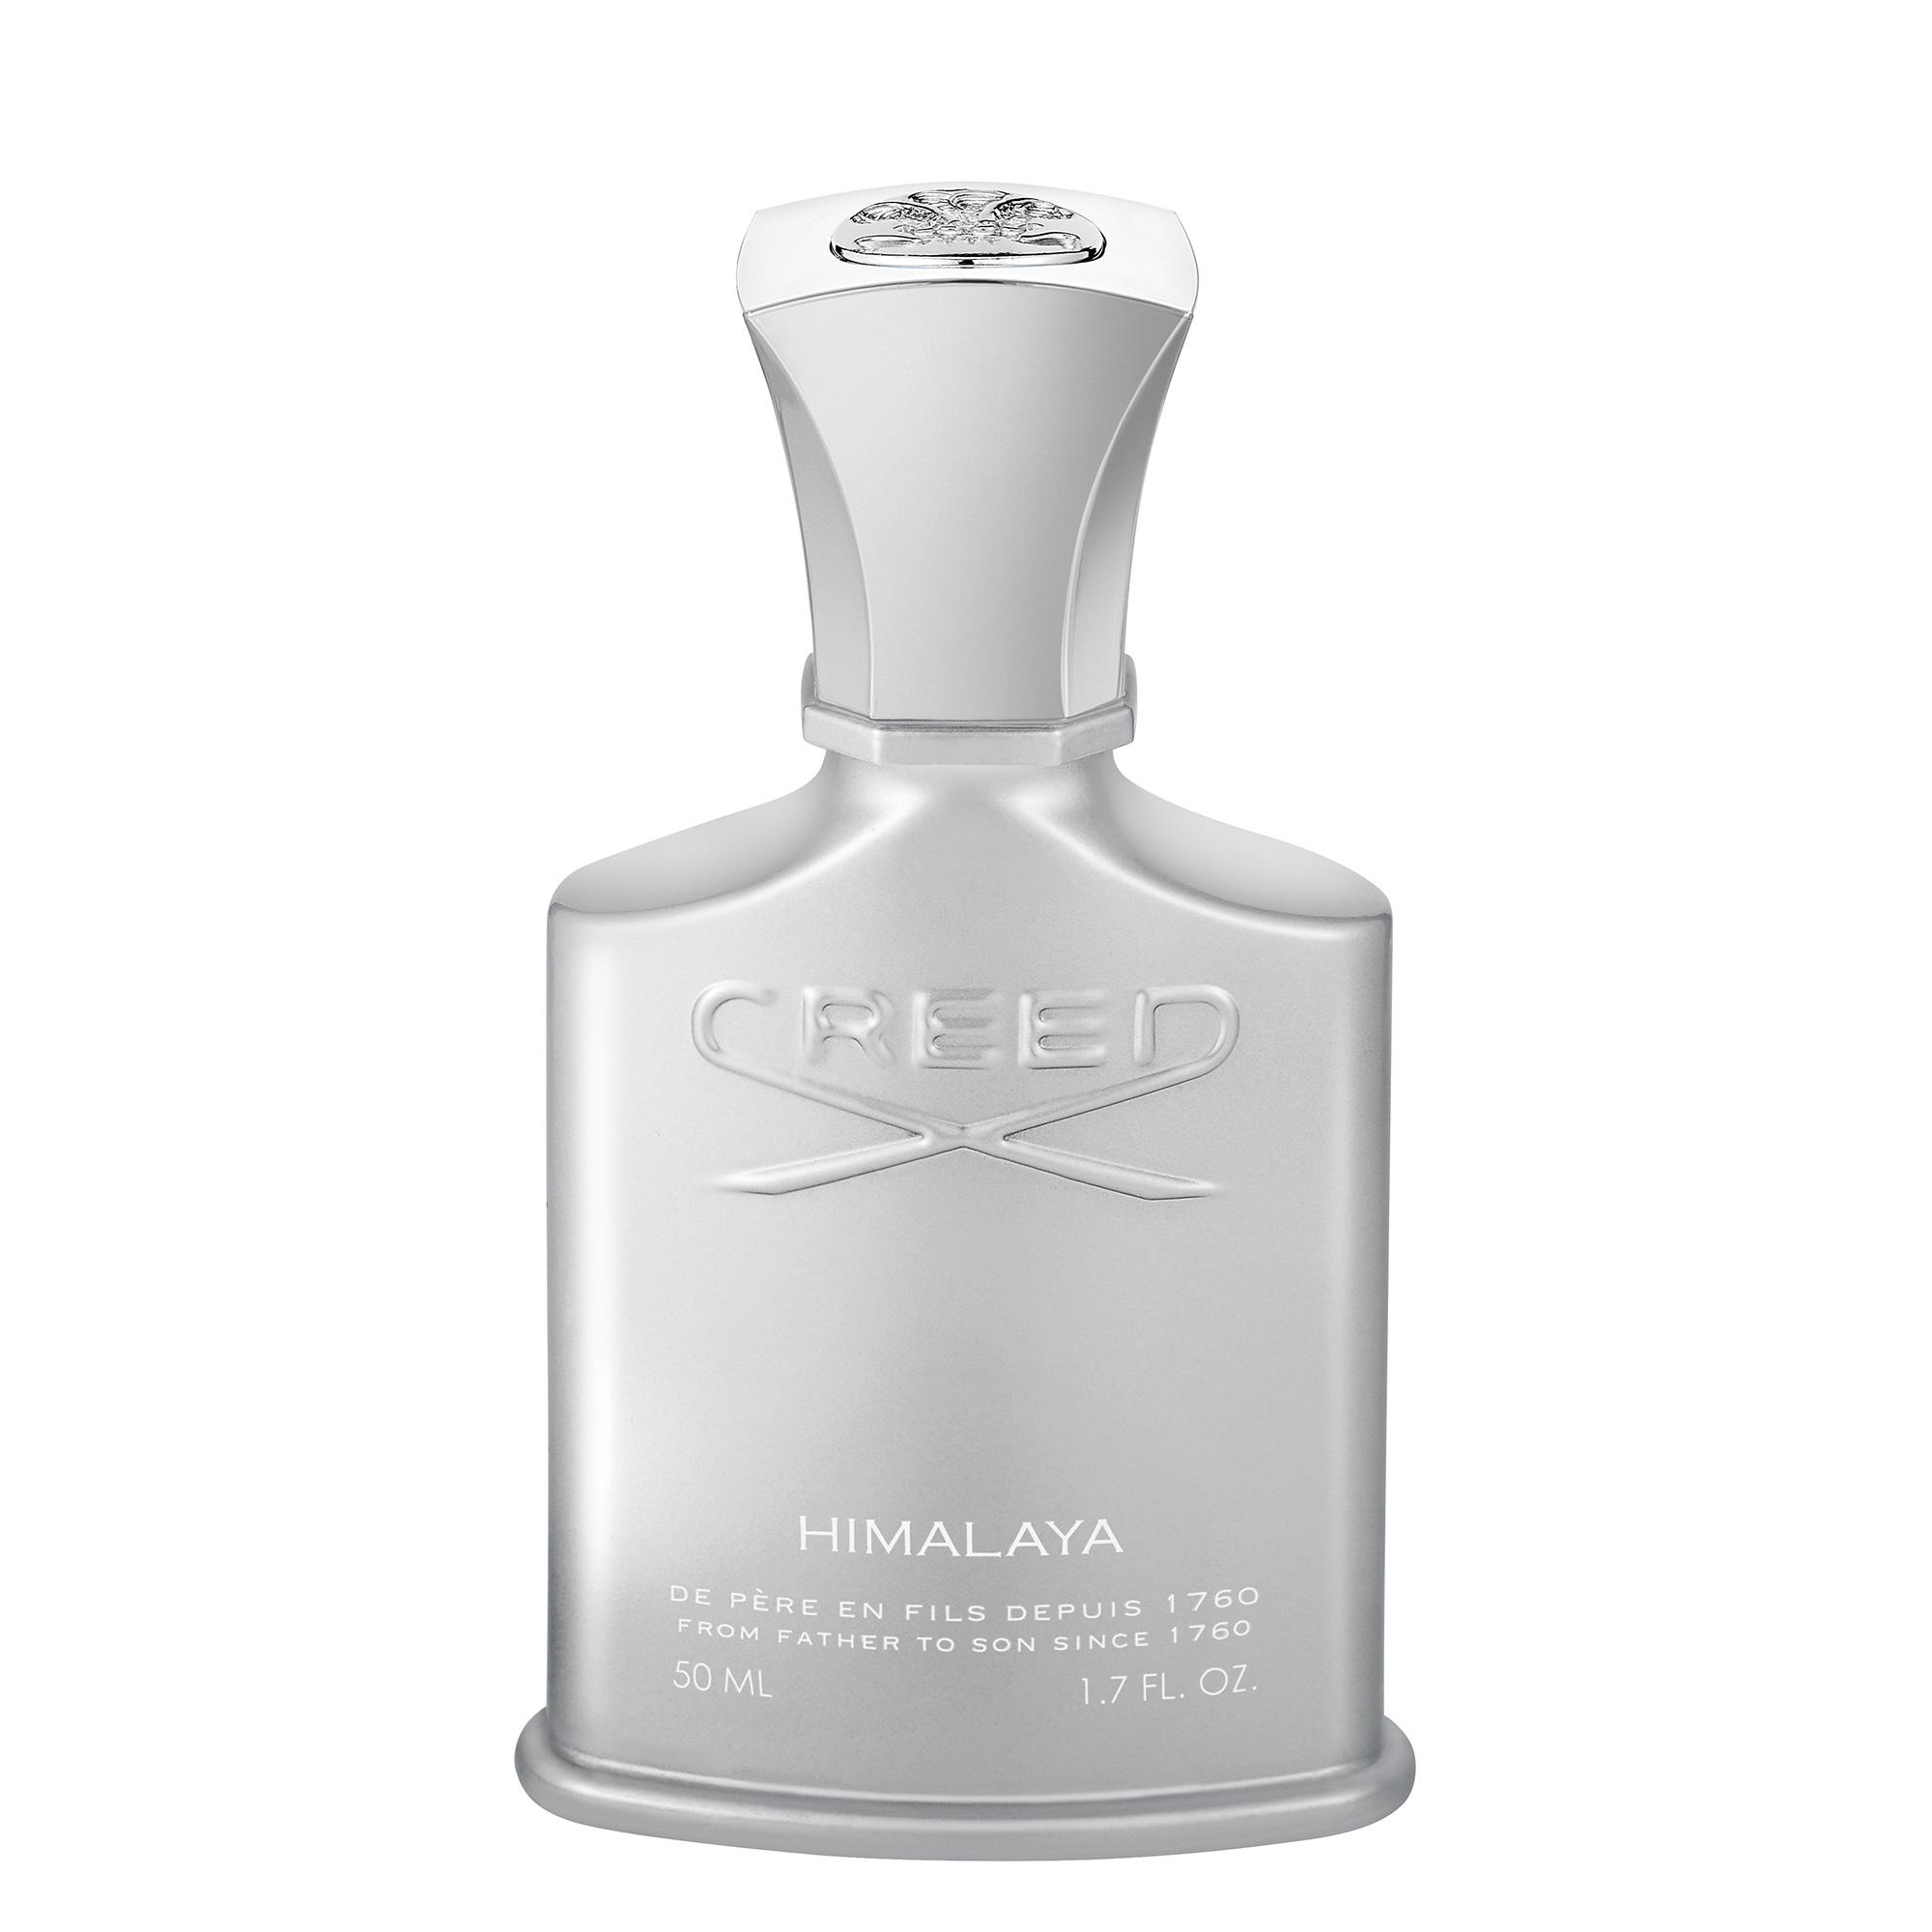 Himalaya 50ml Spray